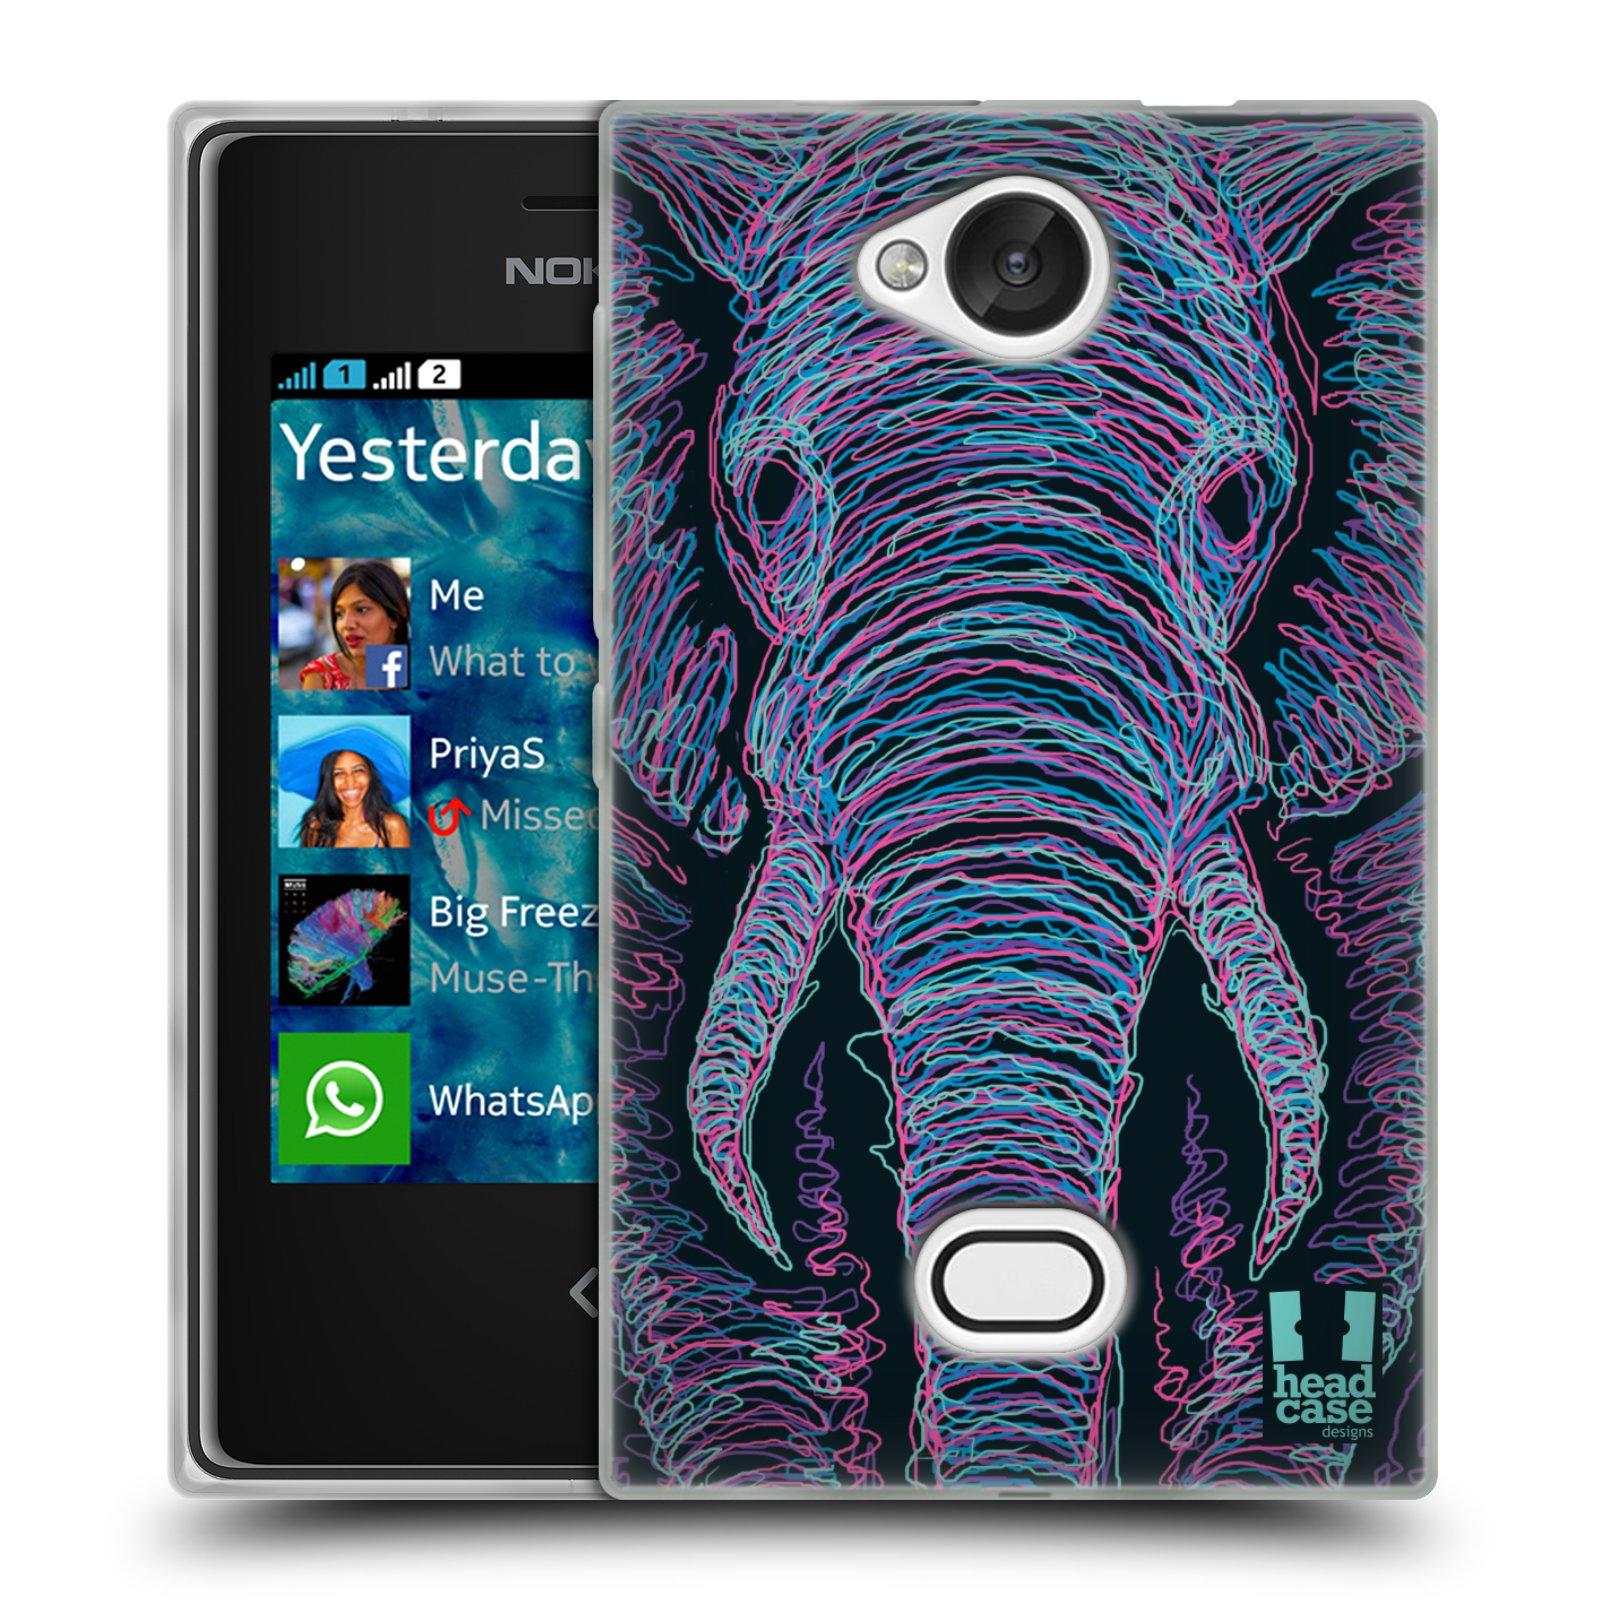 HEAD CASE silikonový obal na mobil NOKIA Asha 503 vzor zvíře čmáranice slon